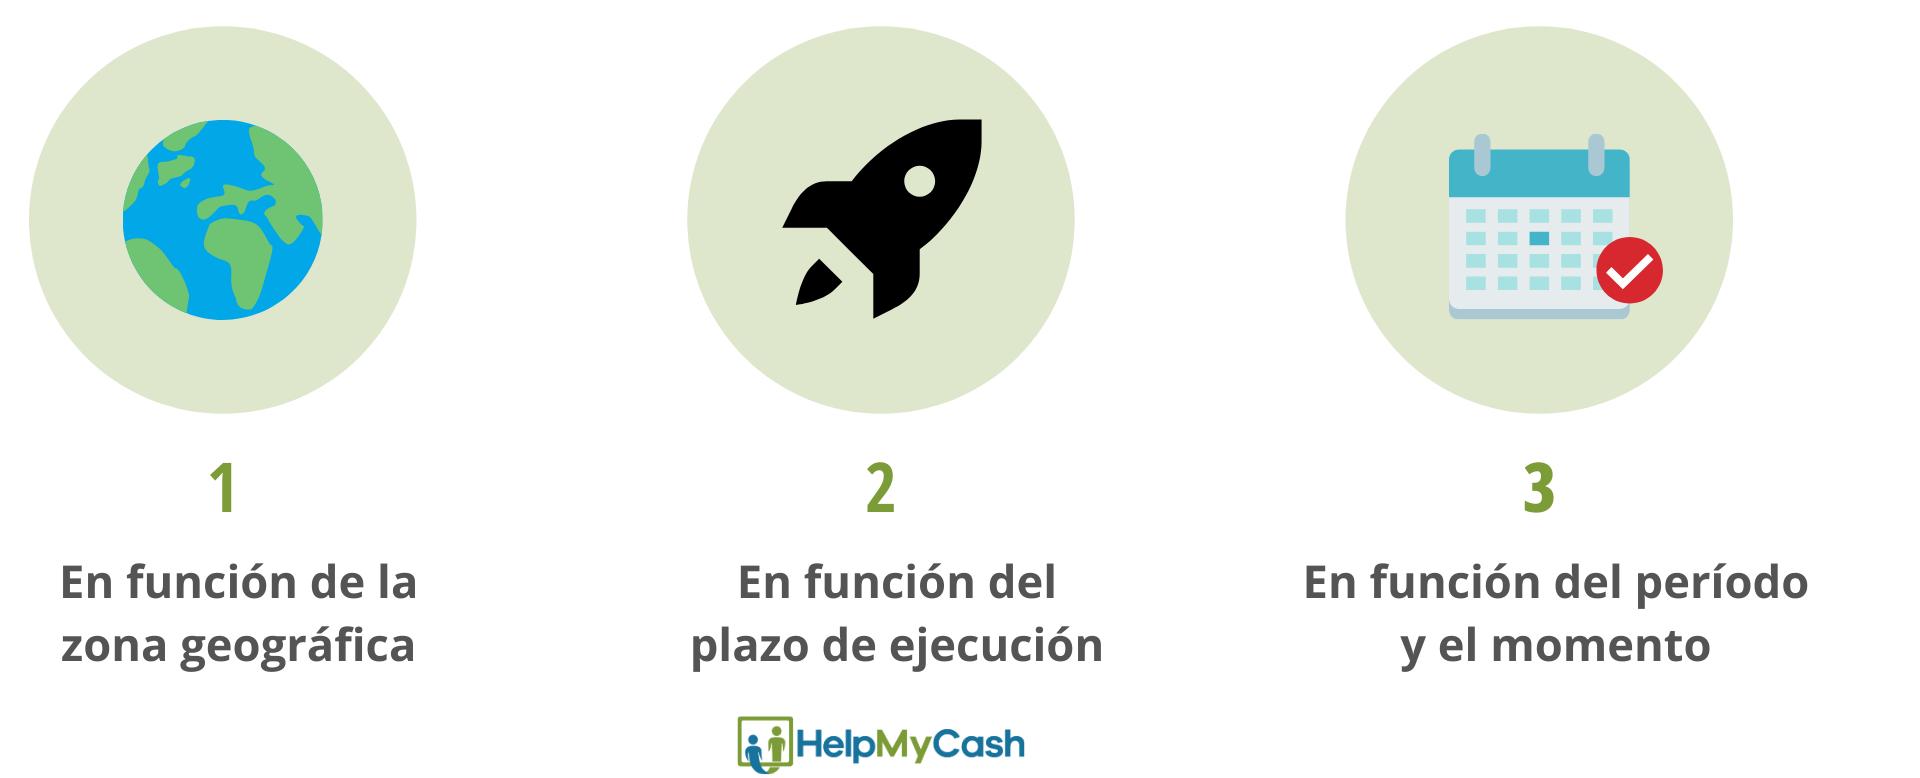 Tipos de transferencia bancaria. 1- en función de la zona geográfica. 2- en función del plazo de ejecución. 3- en función del período y el momento